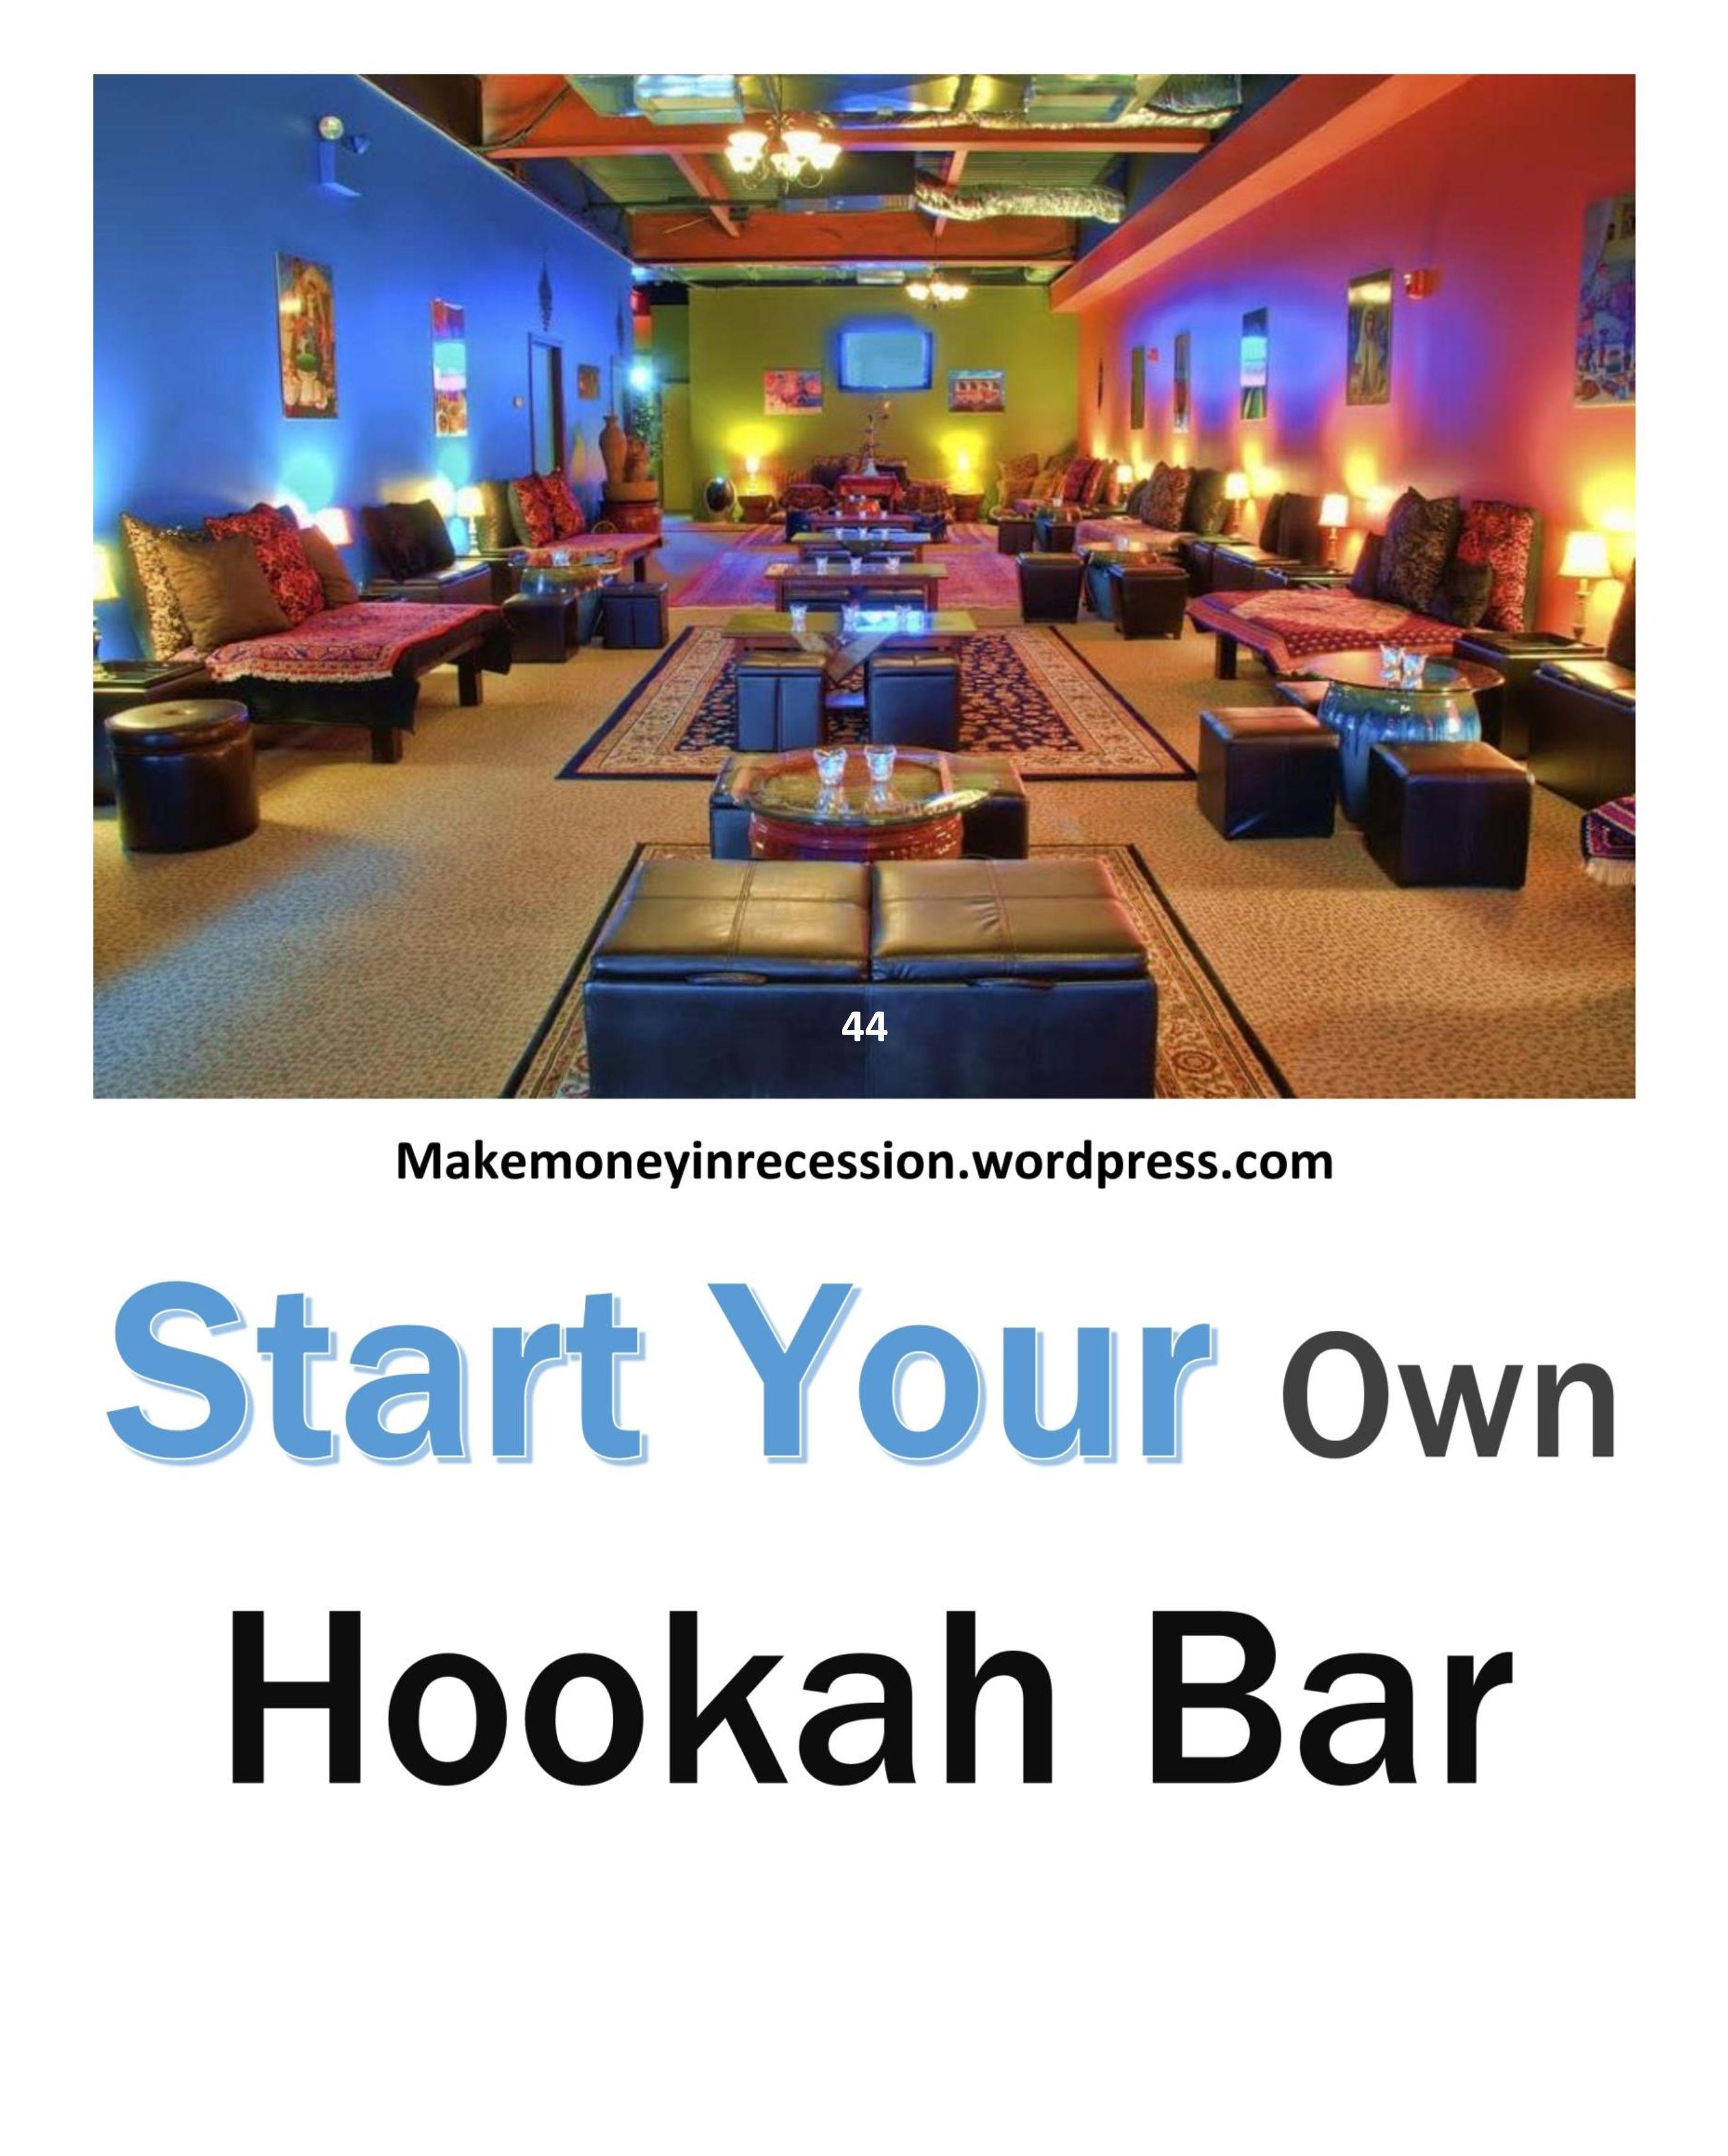 Starting A Business Offline Hookah Bar With Images Hookah Bar